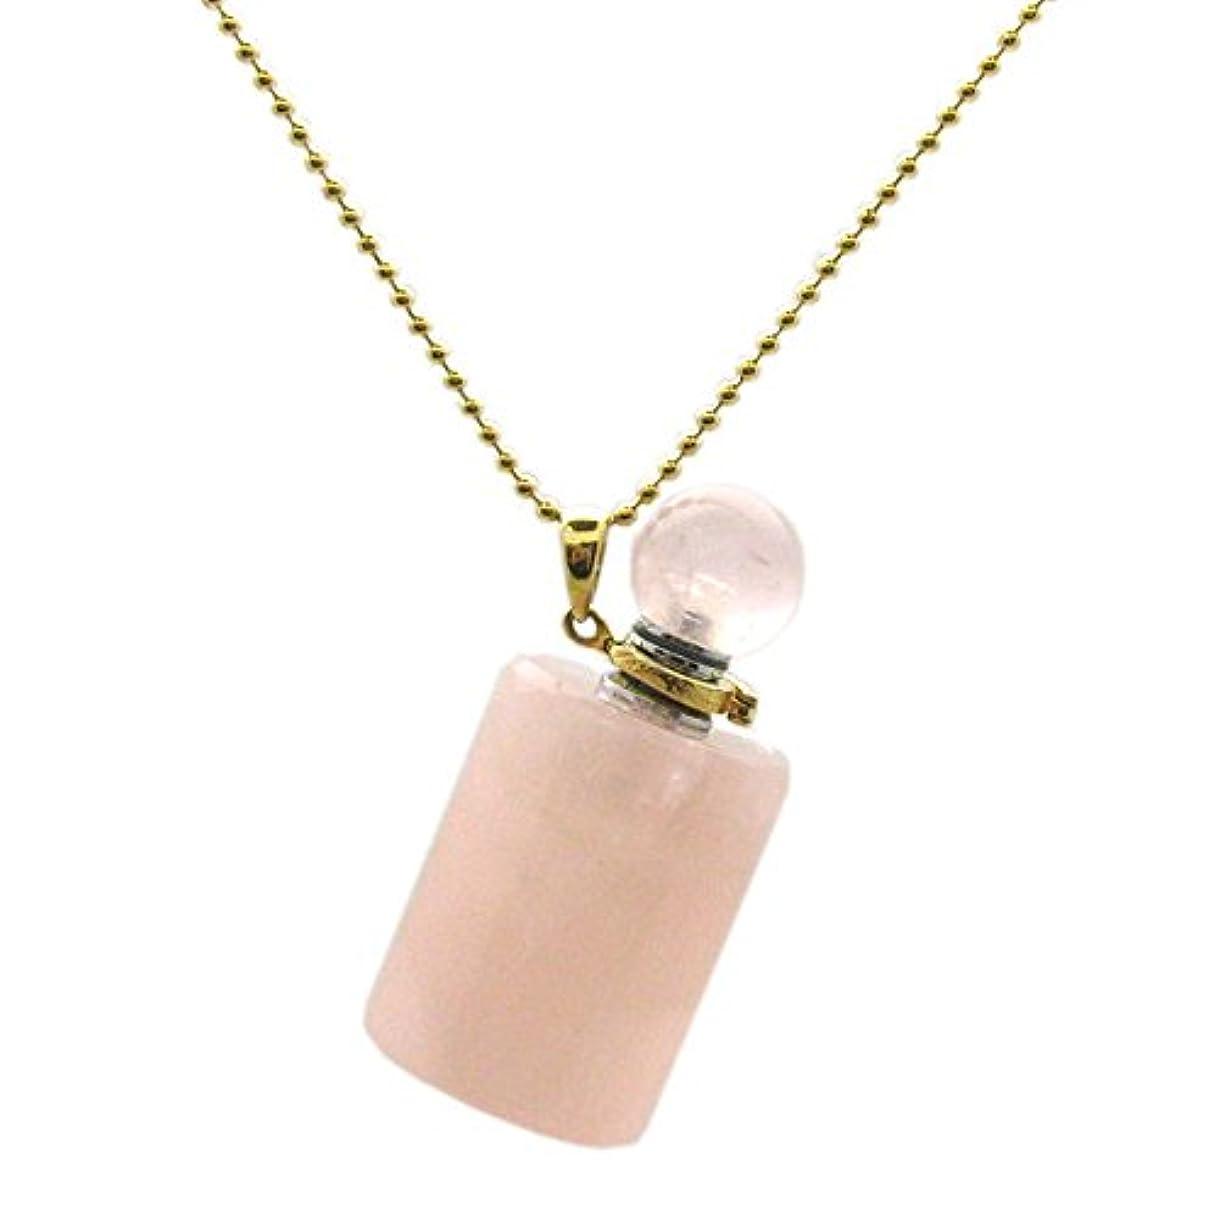 溶融見通し不当ケイトAvenue Gold over Sterling Silver Gemstone Aromatherapy Essential Oil Diffuserネックレス、香水とMosquito Repellentネックレス...